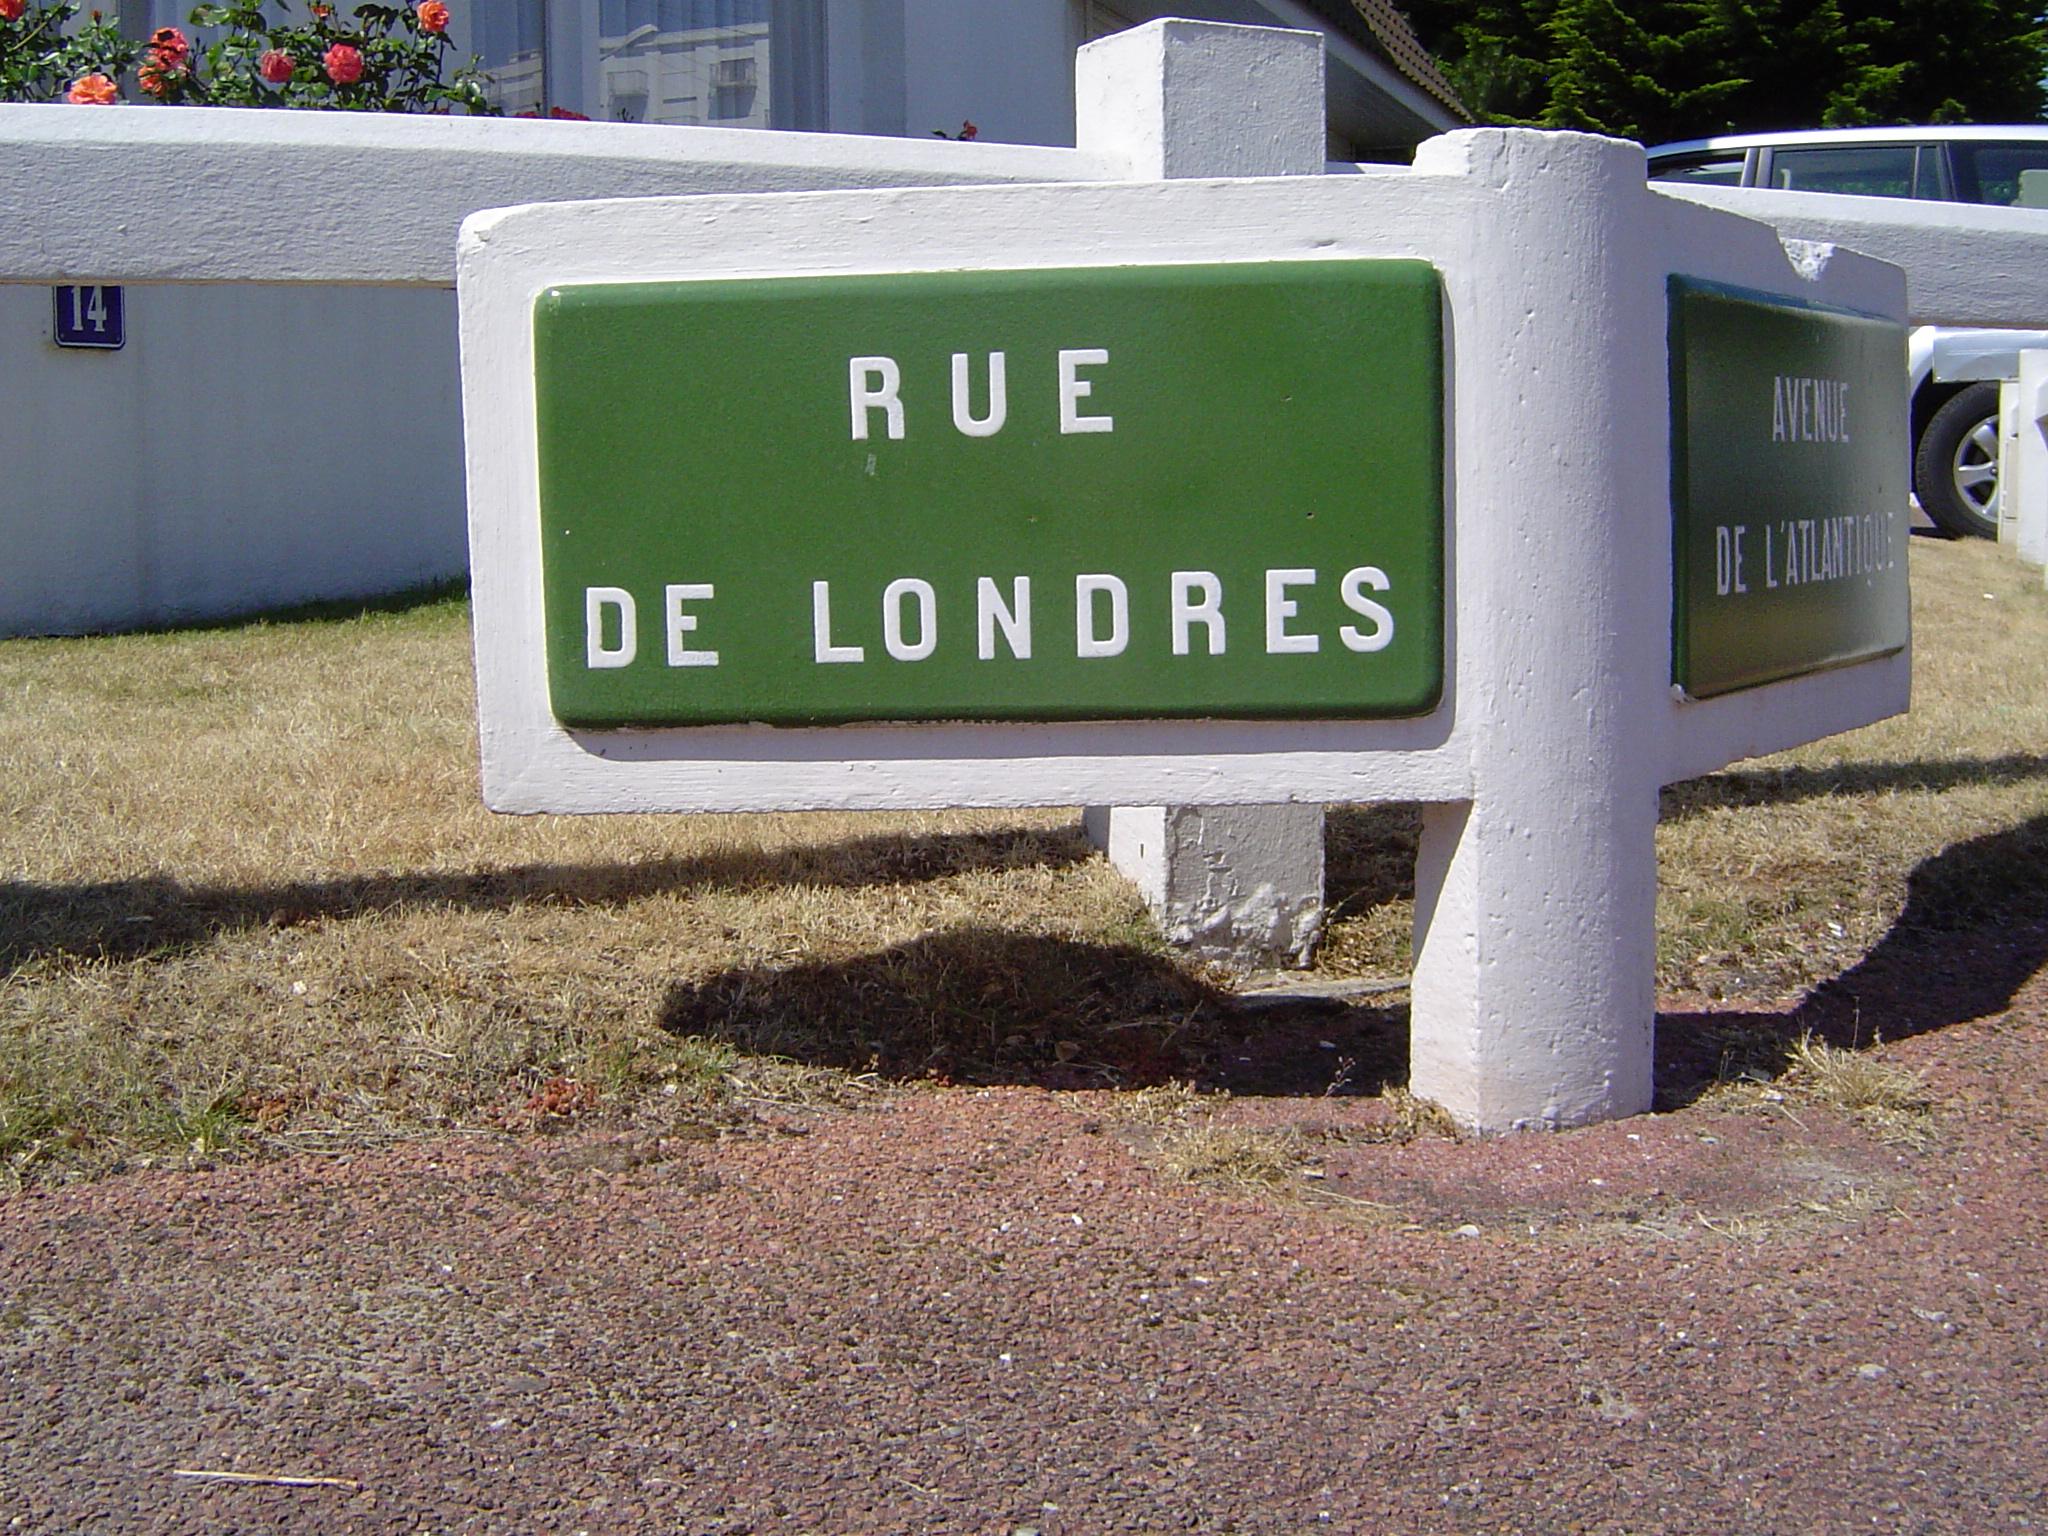 Spaces Rue De Londres file:le touquet-paris-plage (rue de londres) - wikimedia